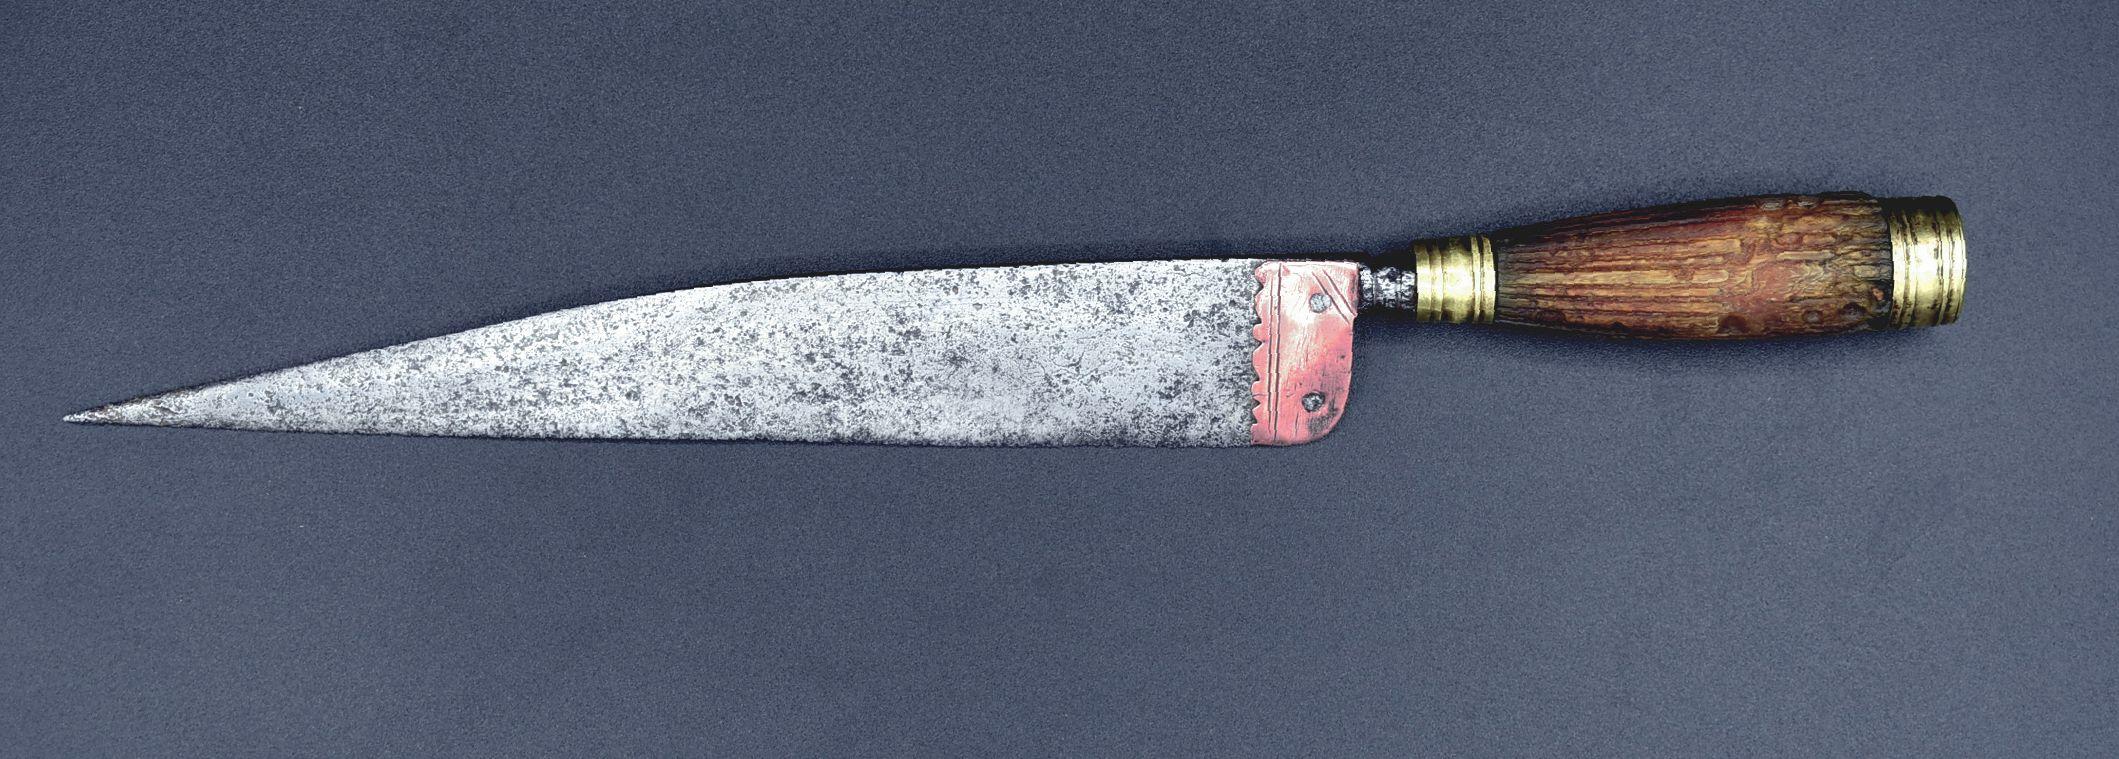 cuchillo flamenco saex